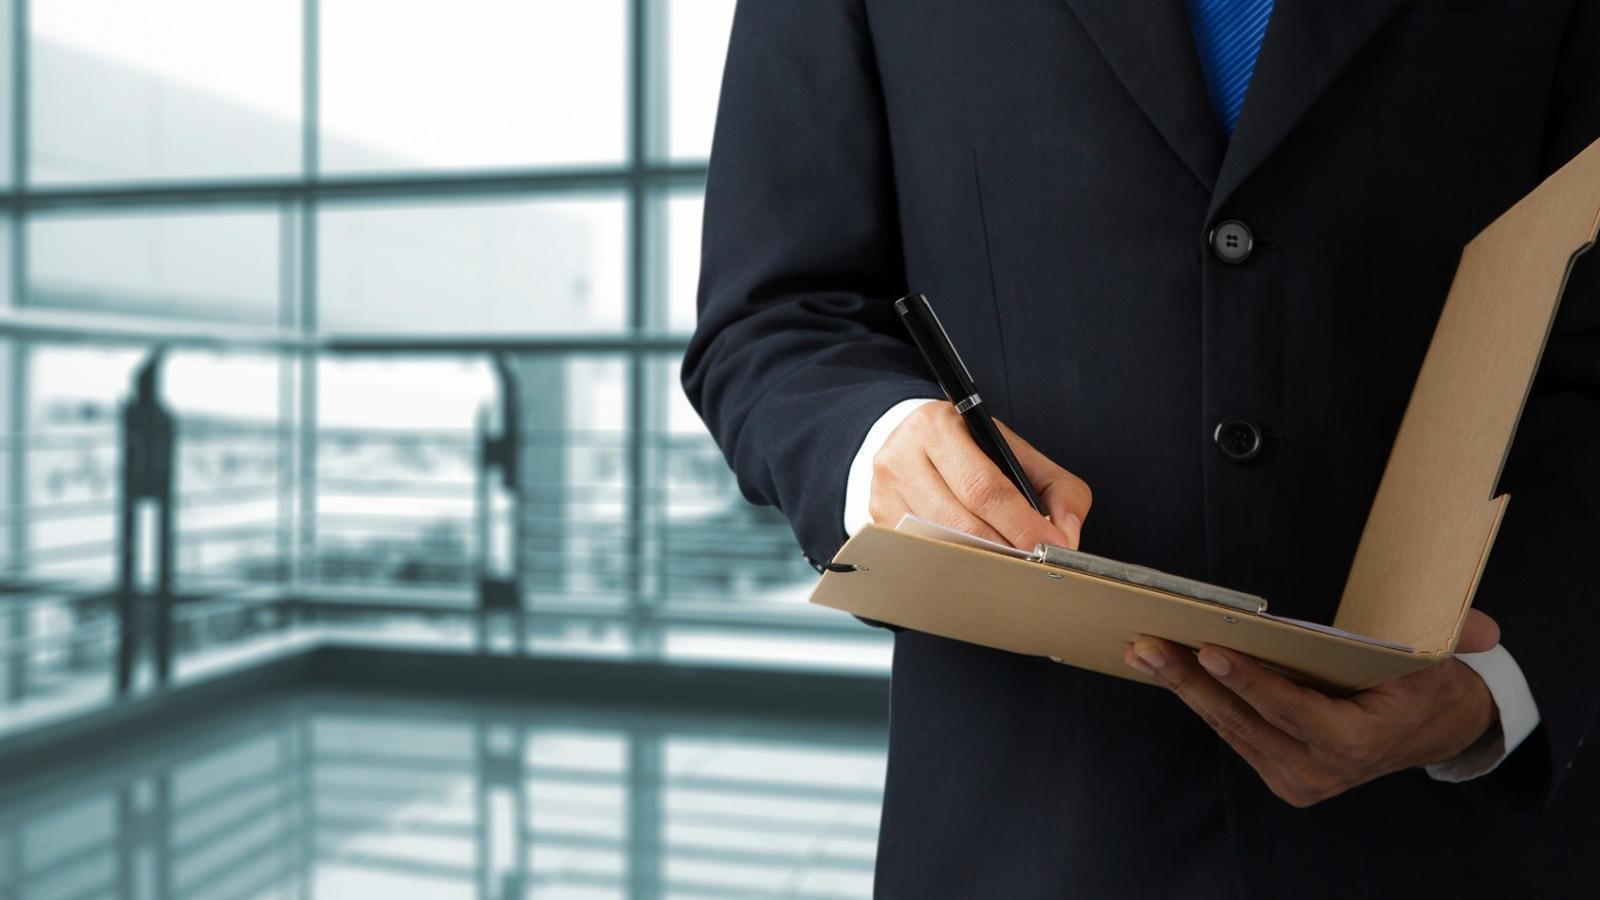 Узнайте, как зарегистрировать фирму, в которой все работают на удаленке